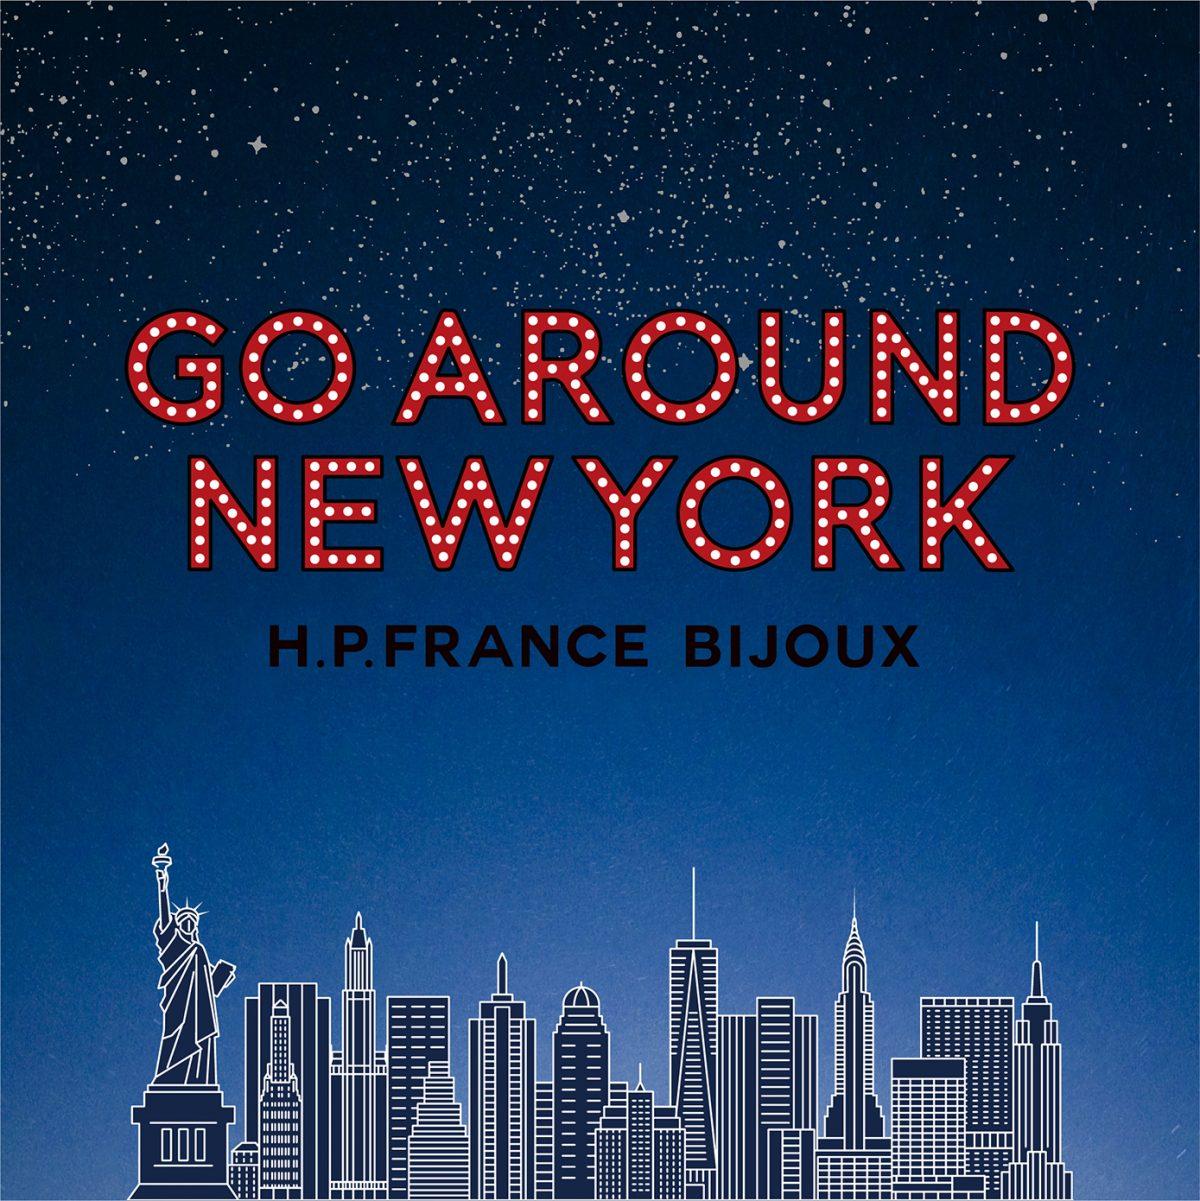 アッシュペーフランスビジュー HPFRANCEBIJOUX NYフェア GOAROUNDNY ニューヨークフェア